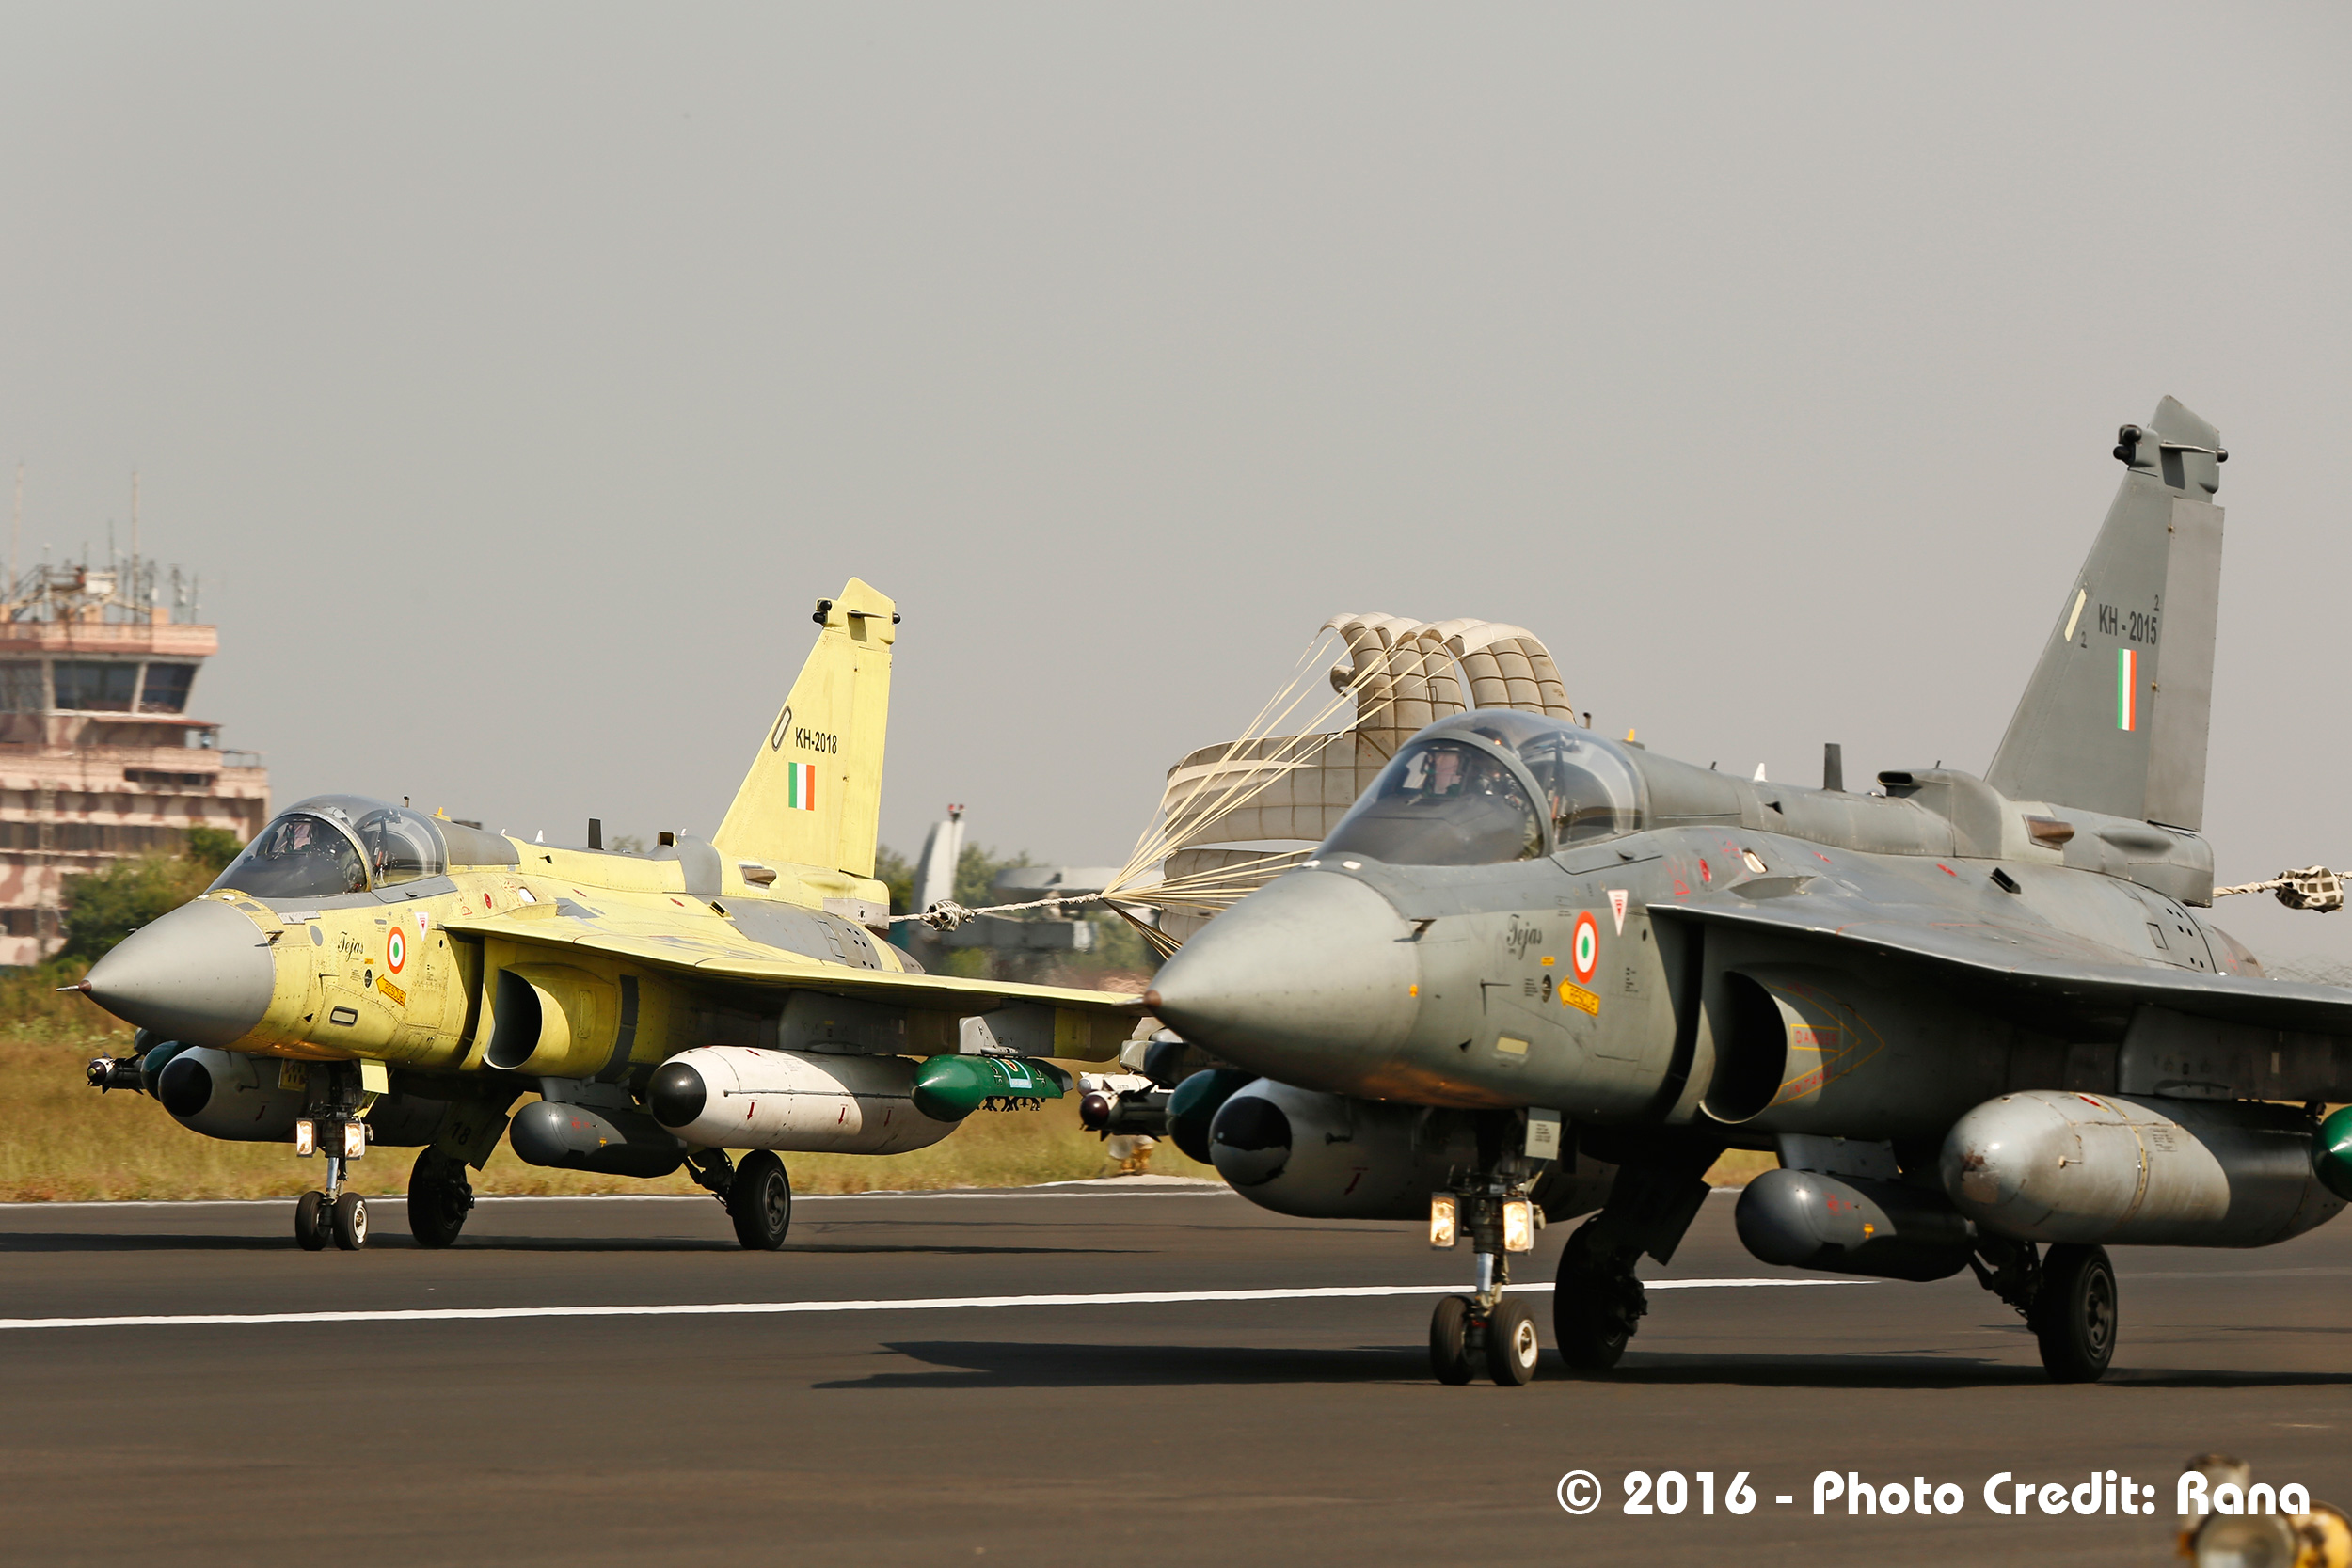 Tejas aircraft performing pair landing; Credits - Deb Rana.